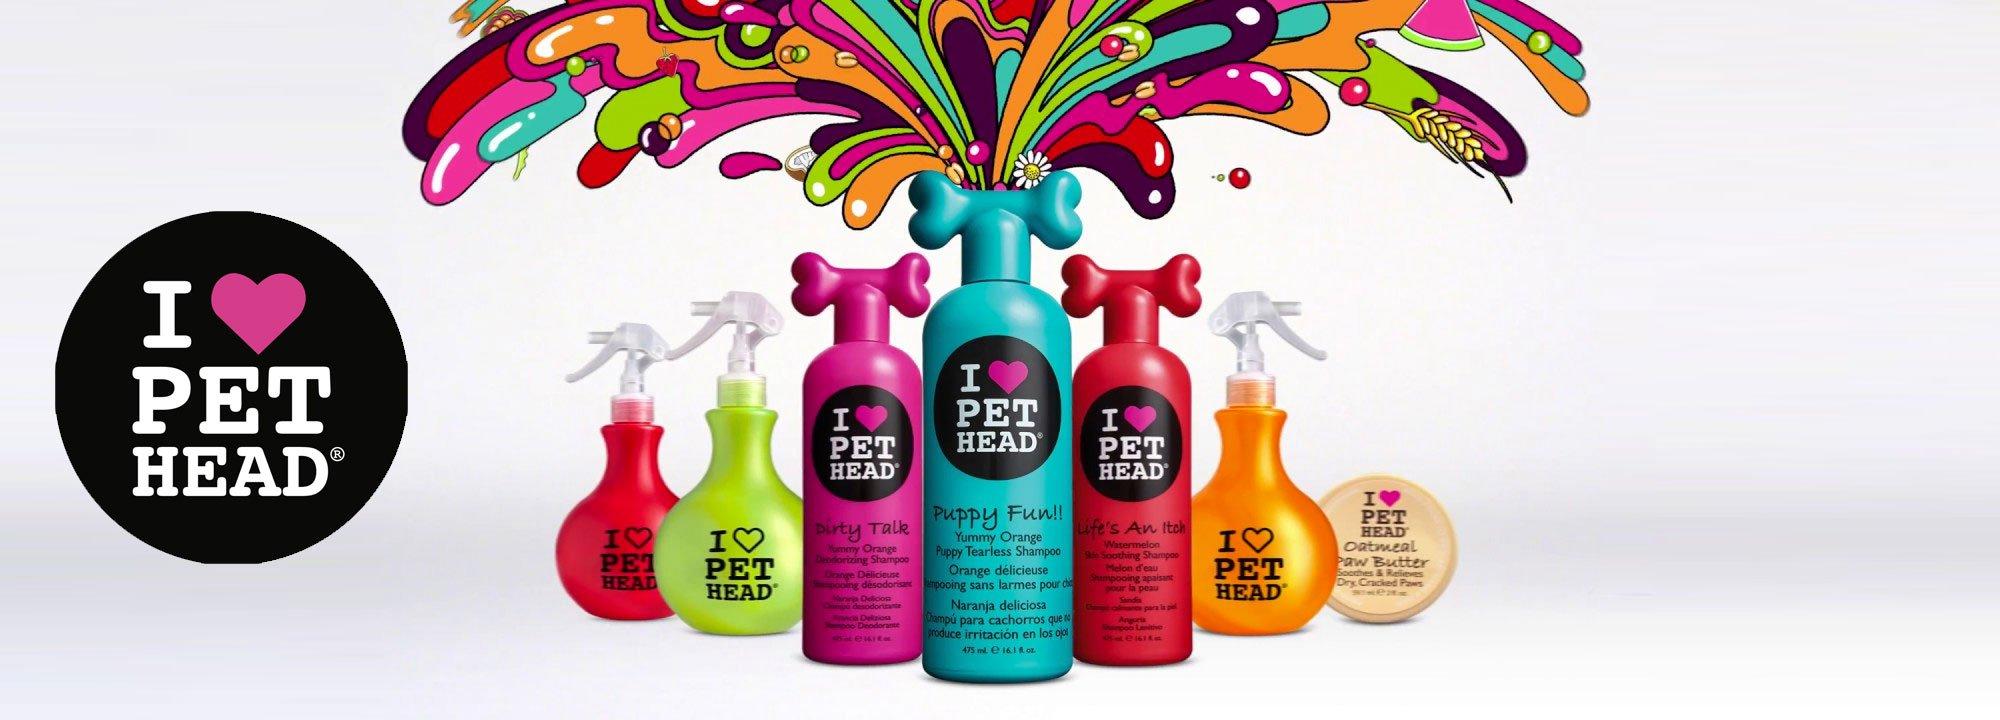 Pet Head Hundeshampoo und Hundepflege